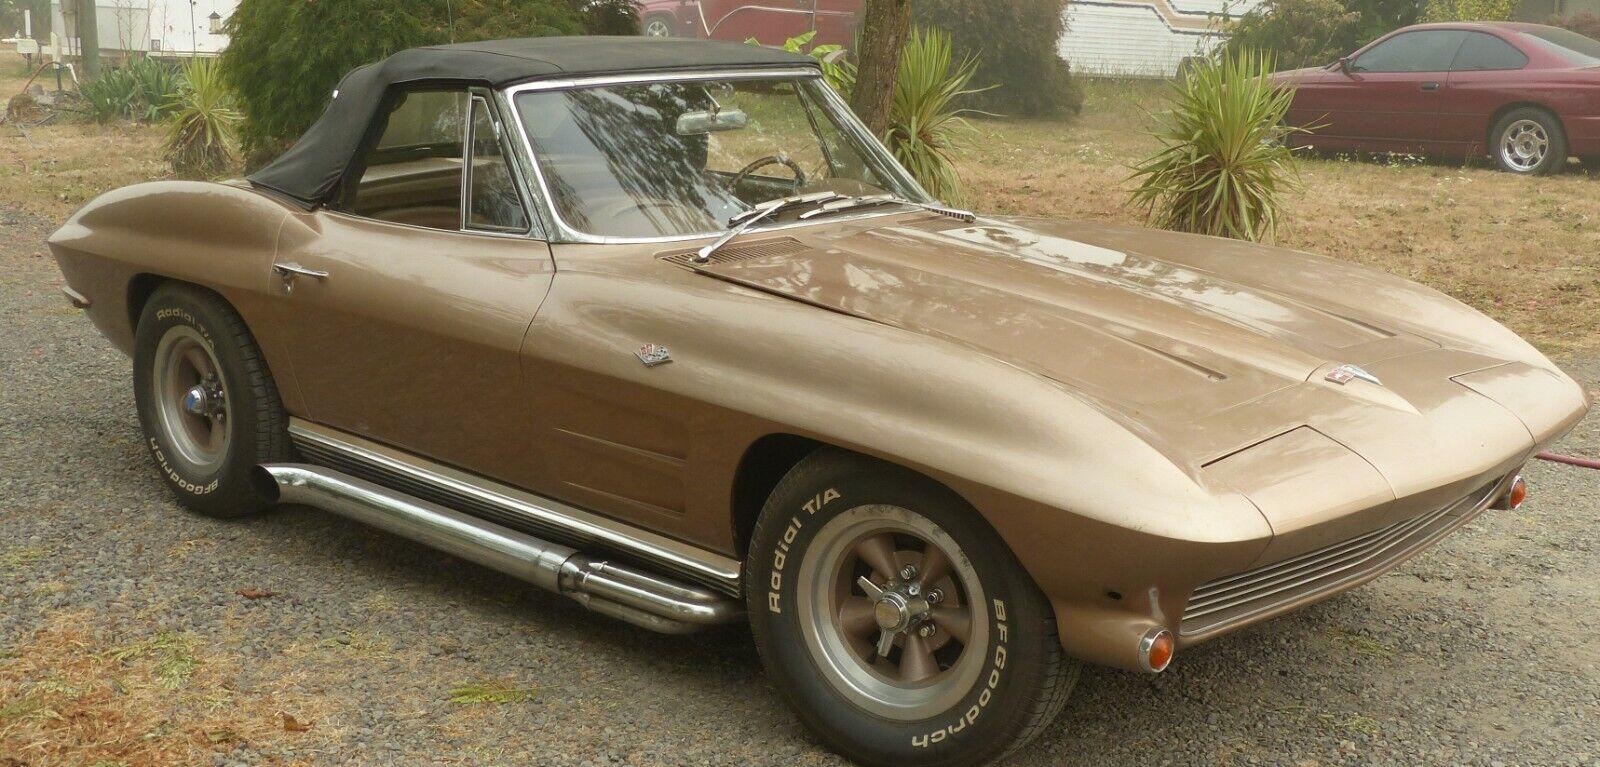 1964 Gold Chevrolet Corvette Stingray  | C2 Corvette Photo 1